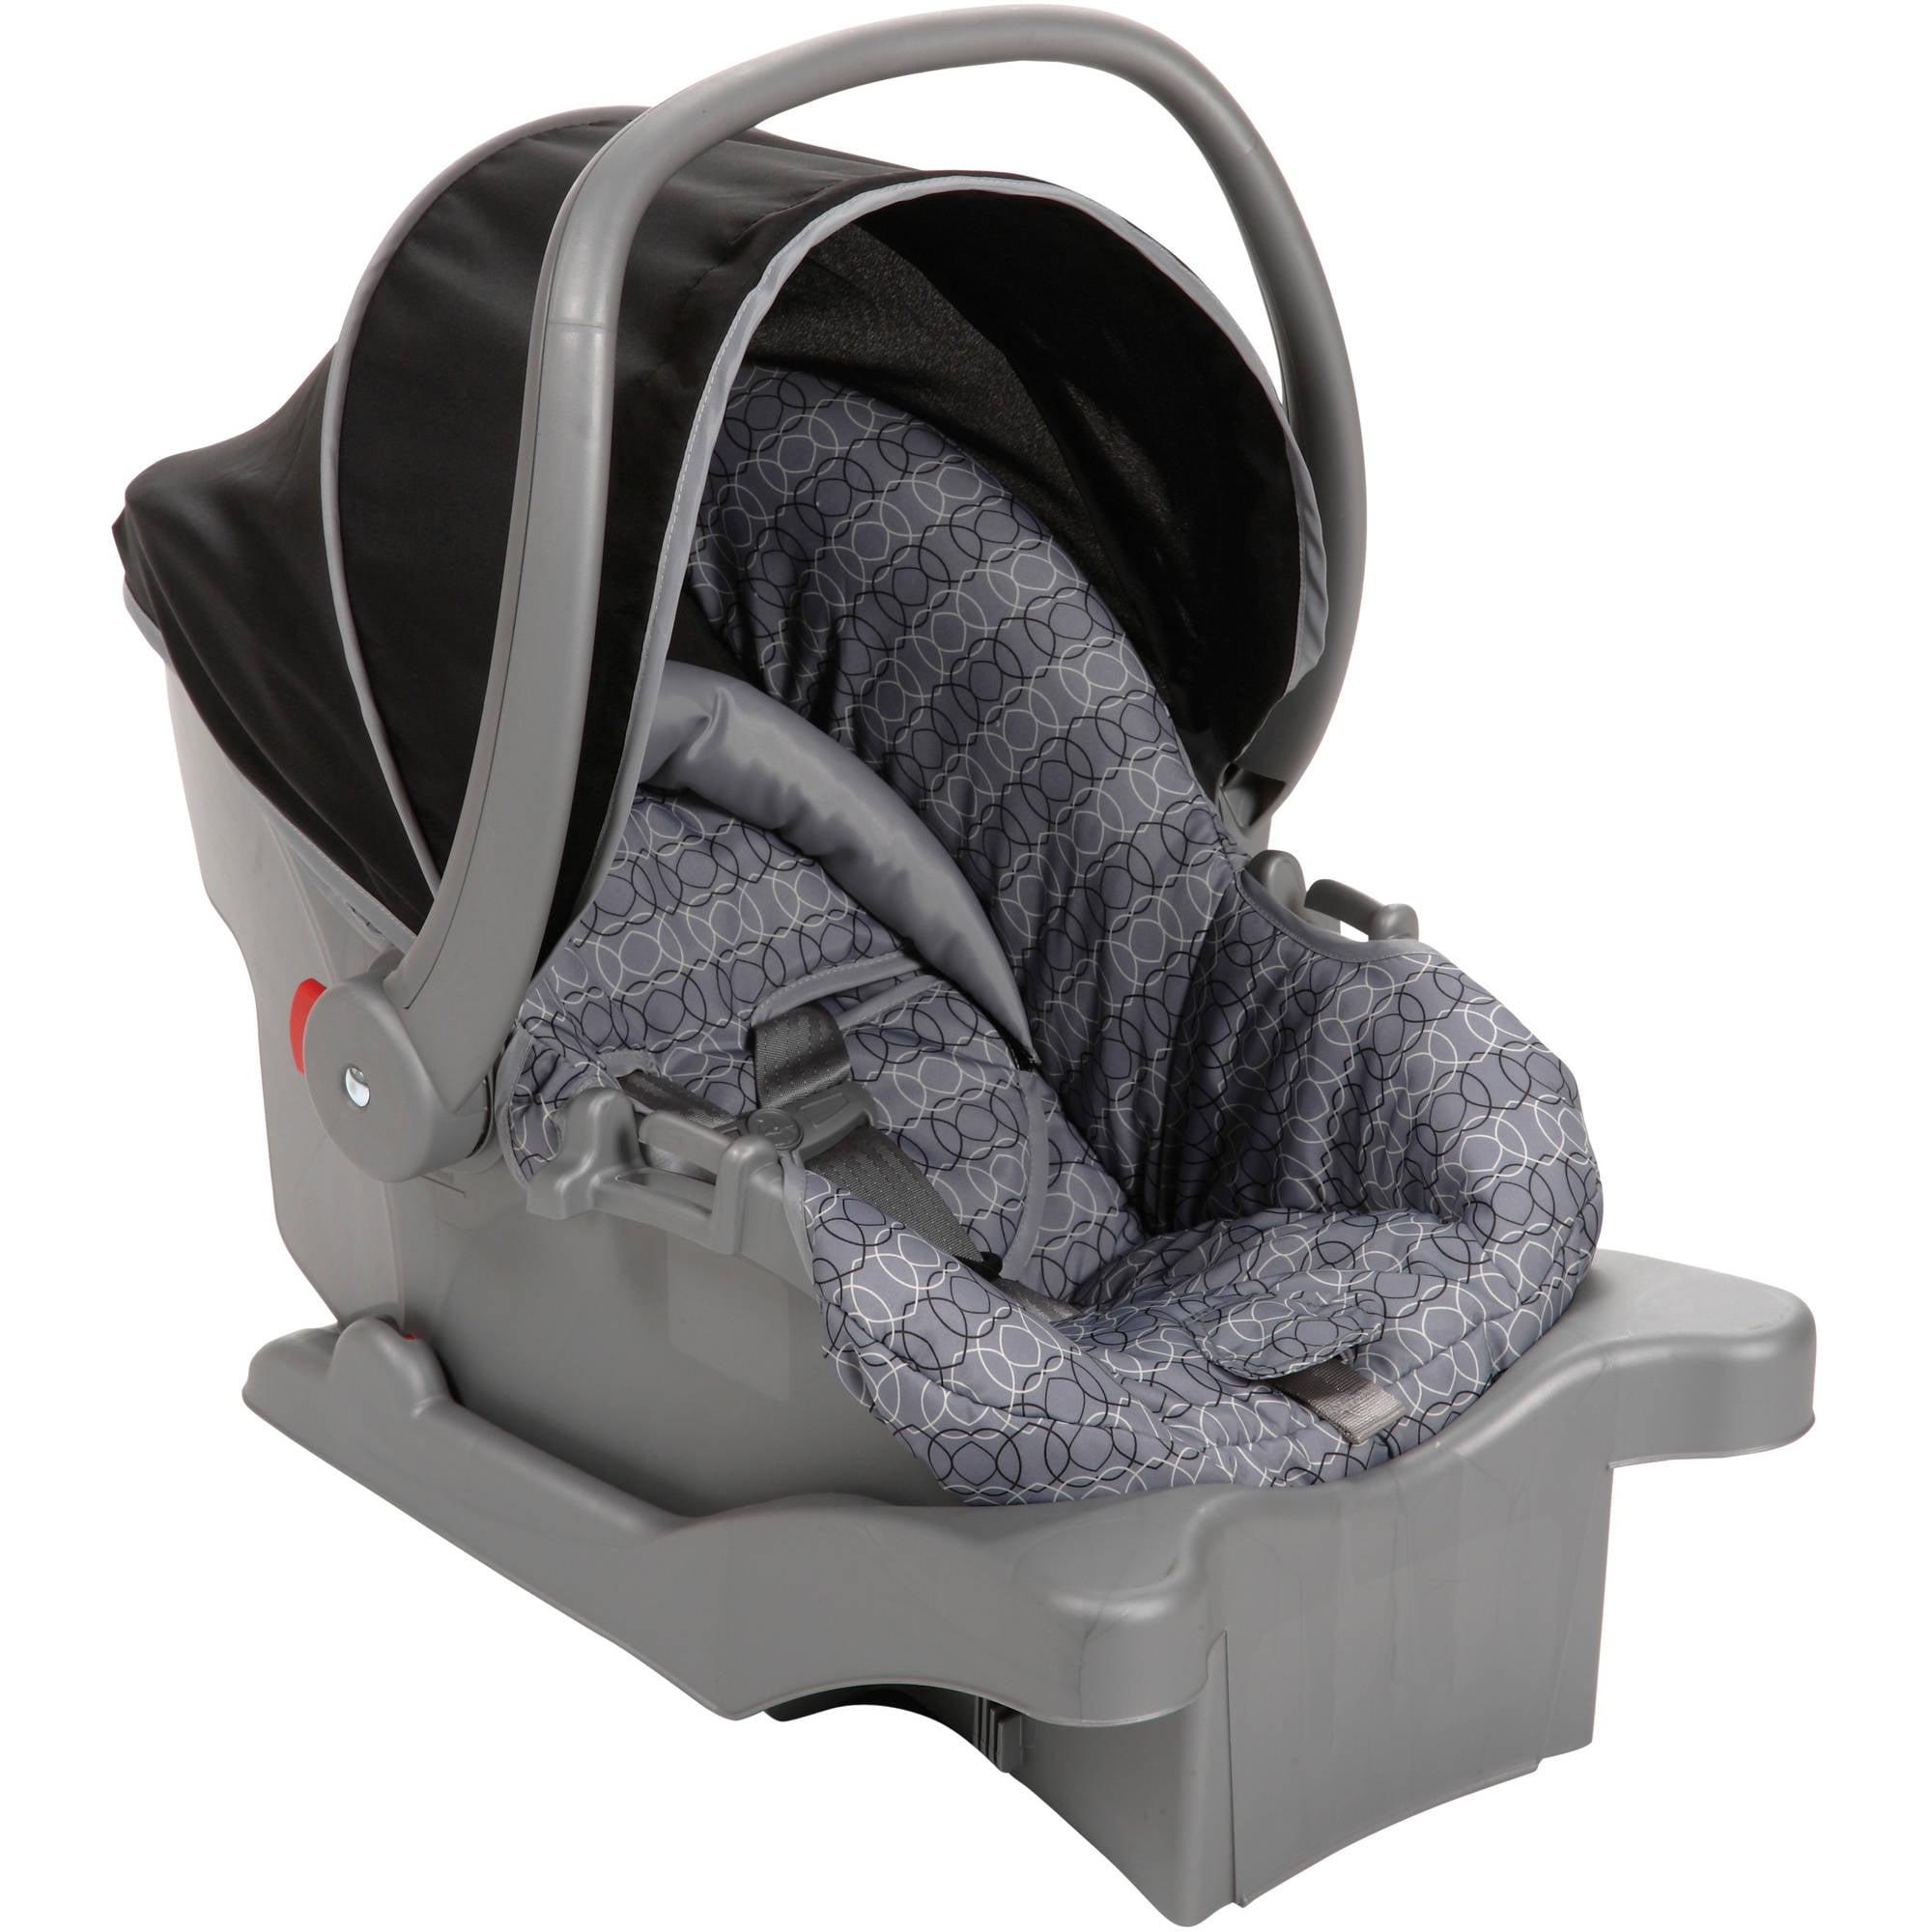 Safety 1st Comfy - Carry Elite Infant Car Seat, Rose Hill